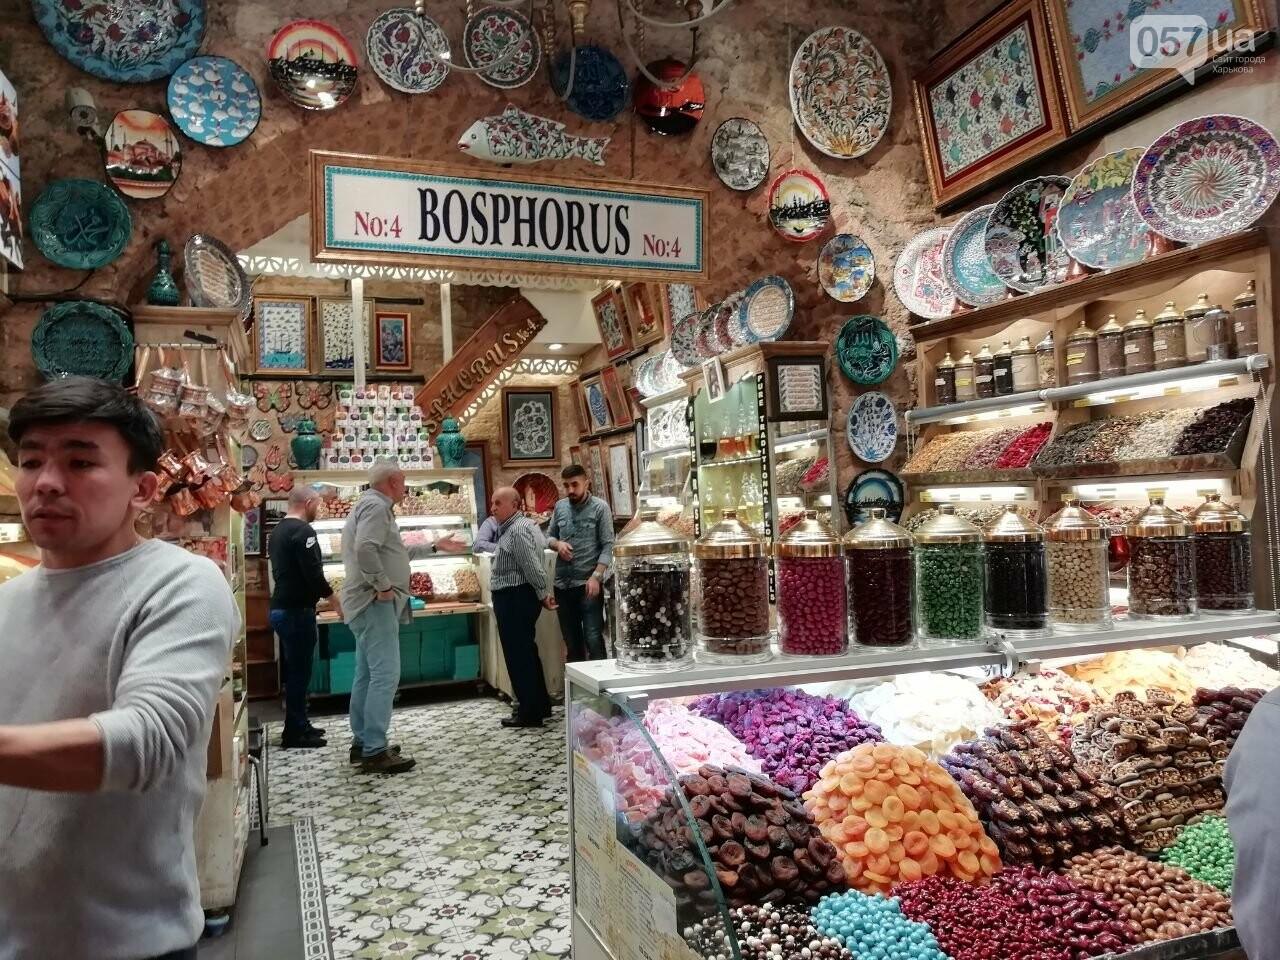 Из Харькова в Стамбул. Как добраться, что попробовать и на что посмотреть в турецком городе, - ФОТО, фото-29